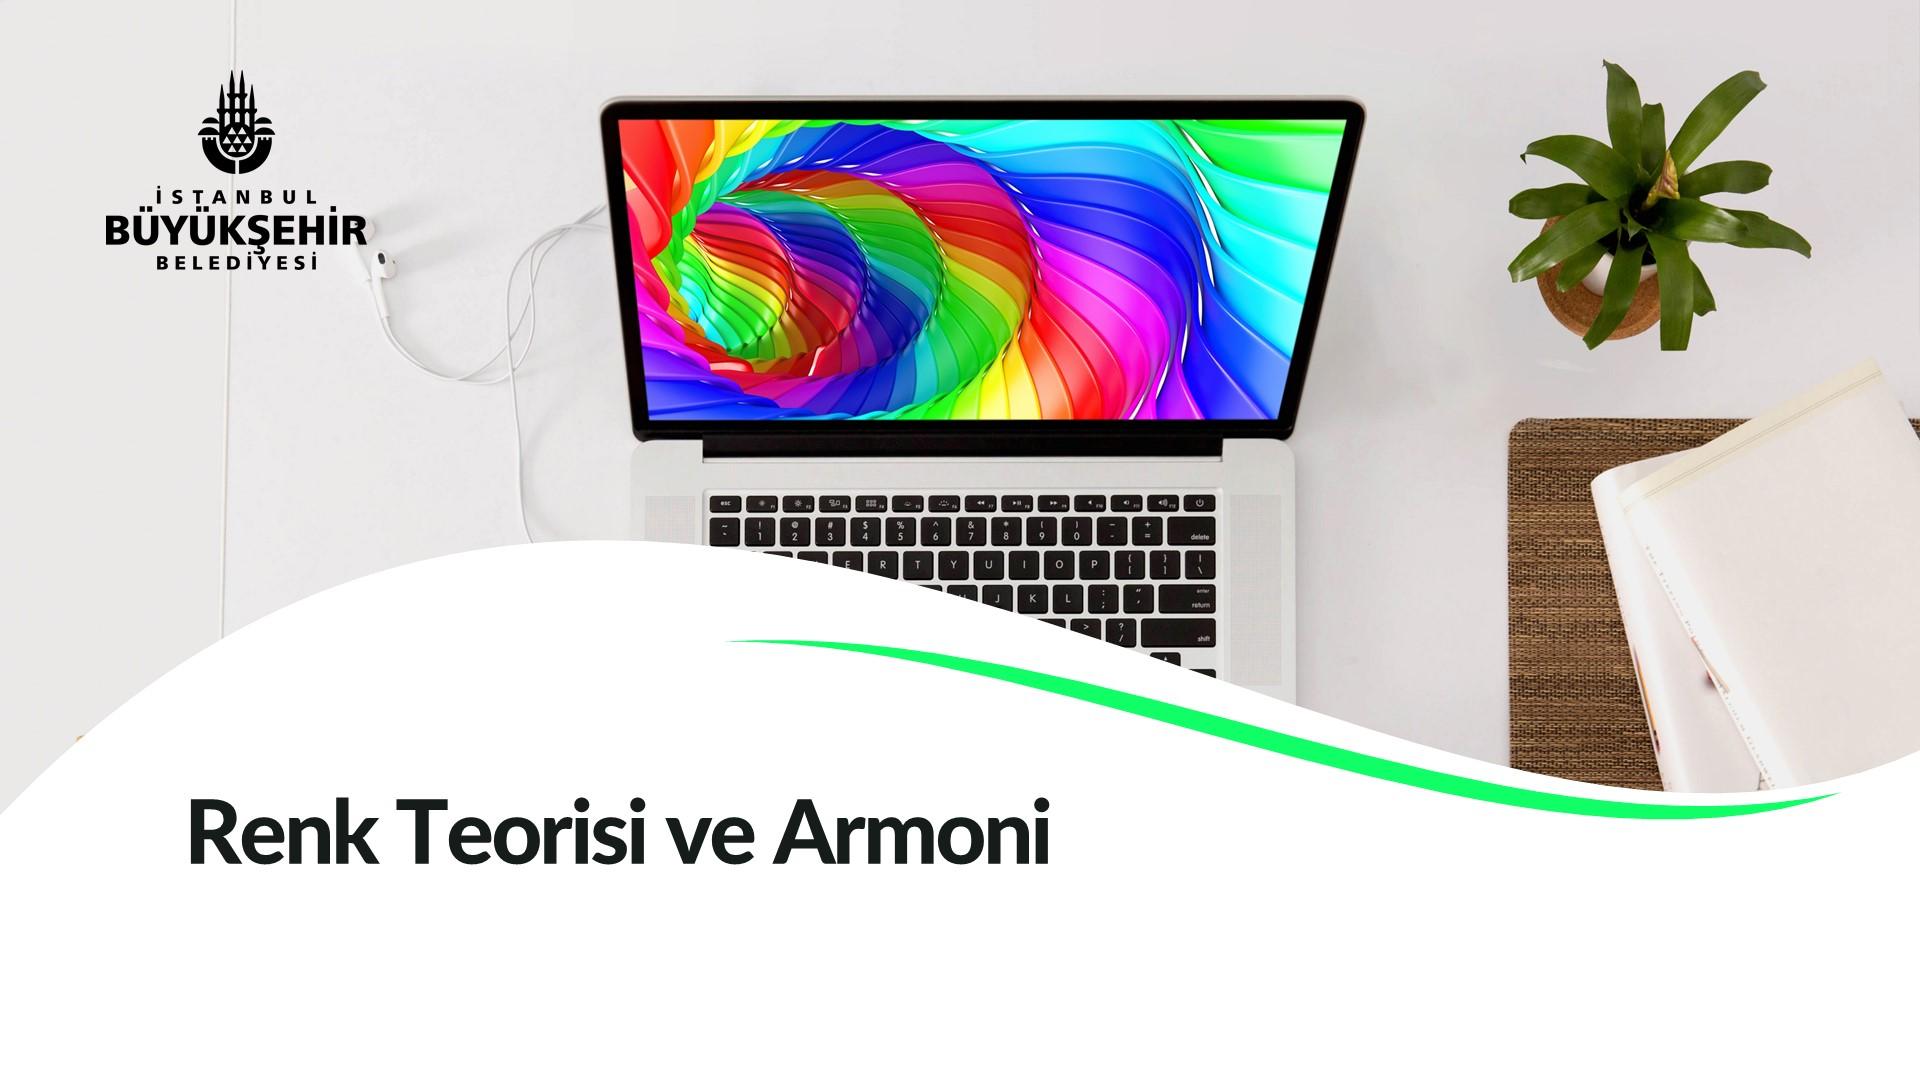 Renk Teorisi ve Armoni Kayıtları Başladı